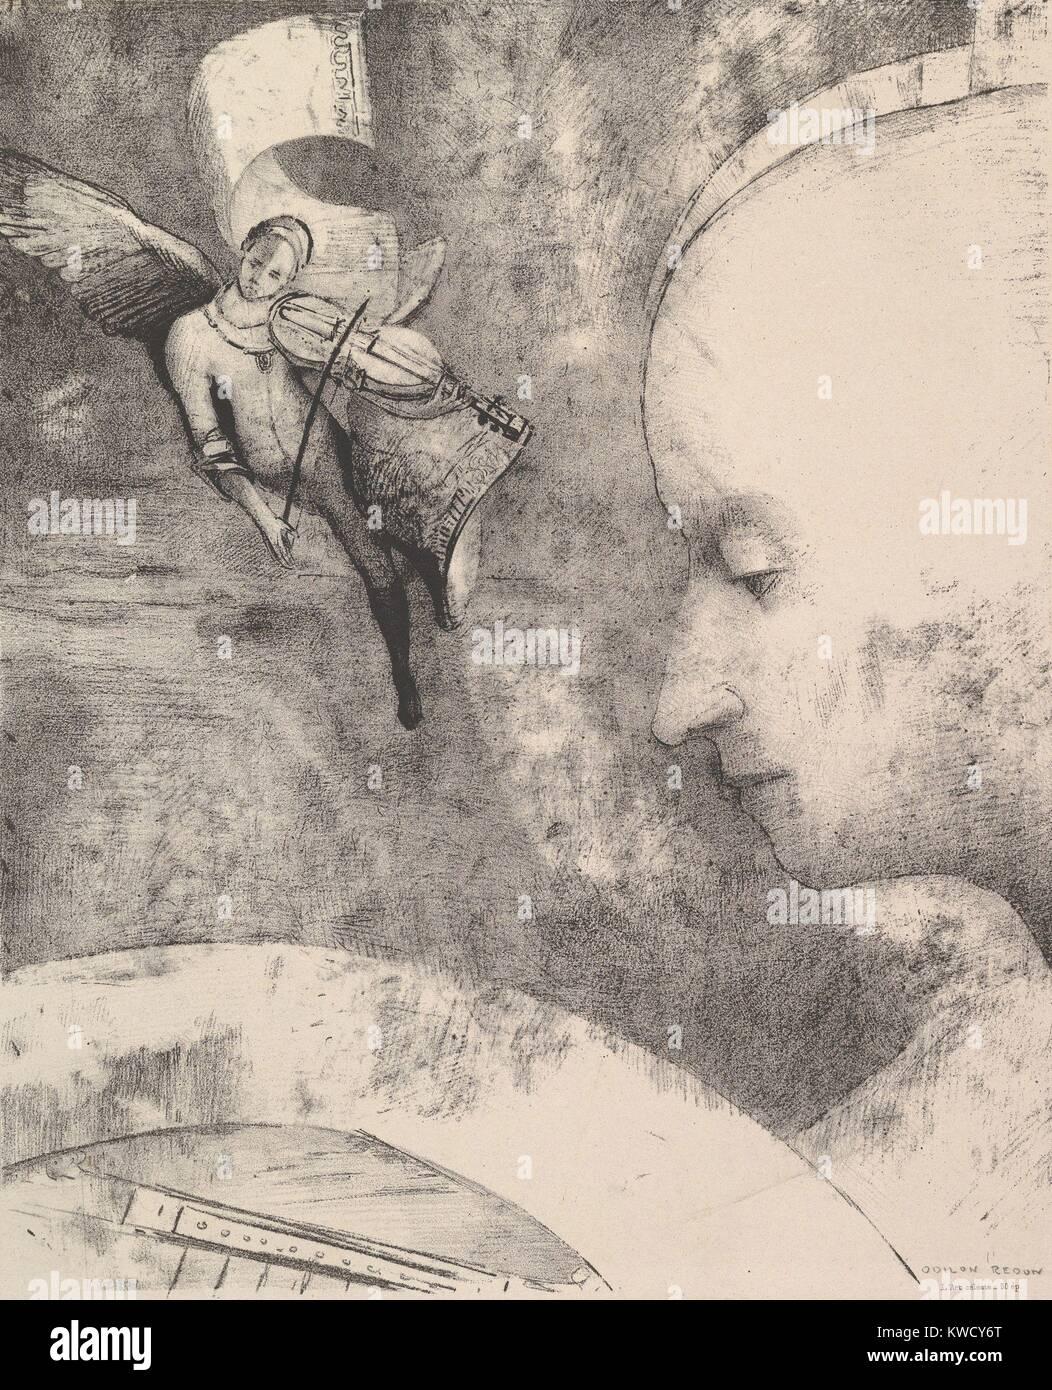 Die Himmlische Kunst, von Odilon Redon, 1894, der französische Symbolistische drucken, Lithographie. Im Vorgriff Stockbild